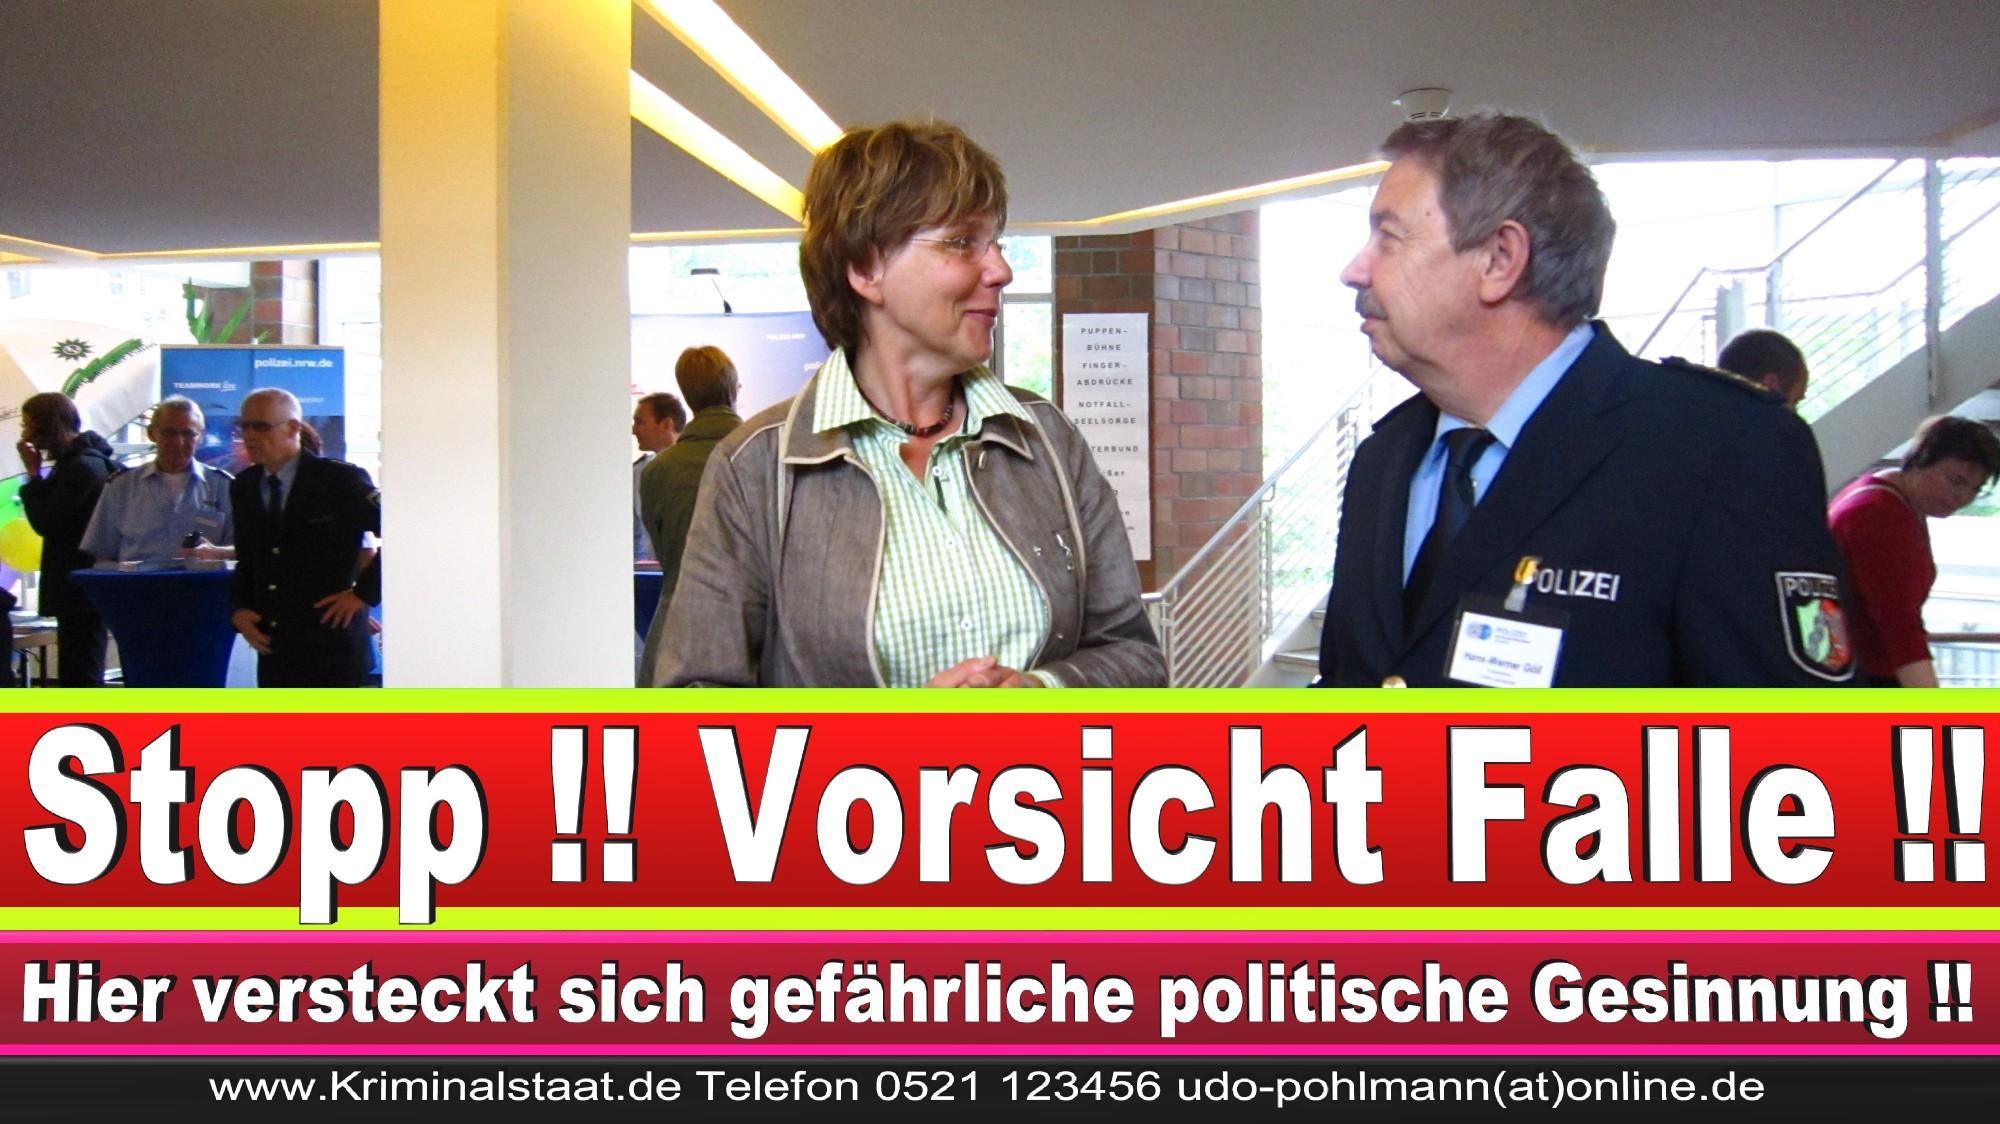 Polizeipräsidentin Katharina Giere Polizei Bielefeld NRW Erwin Südfeld Horst Kruse Polizeiuniform Polizeigewalt DEMONSTRATION Bahnhof (30) 1